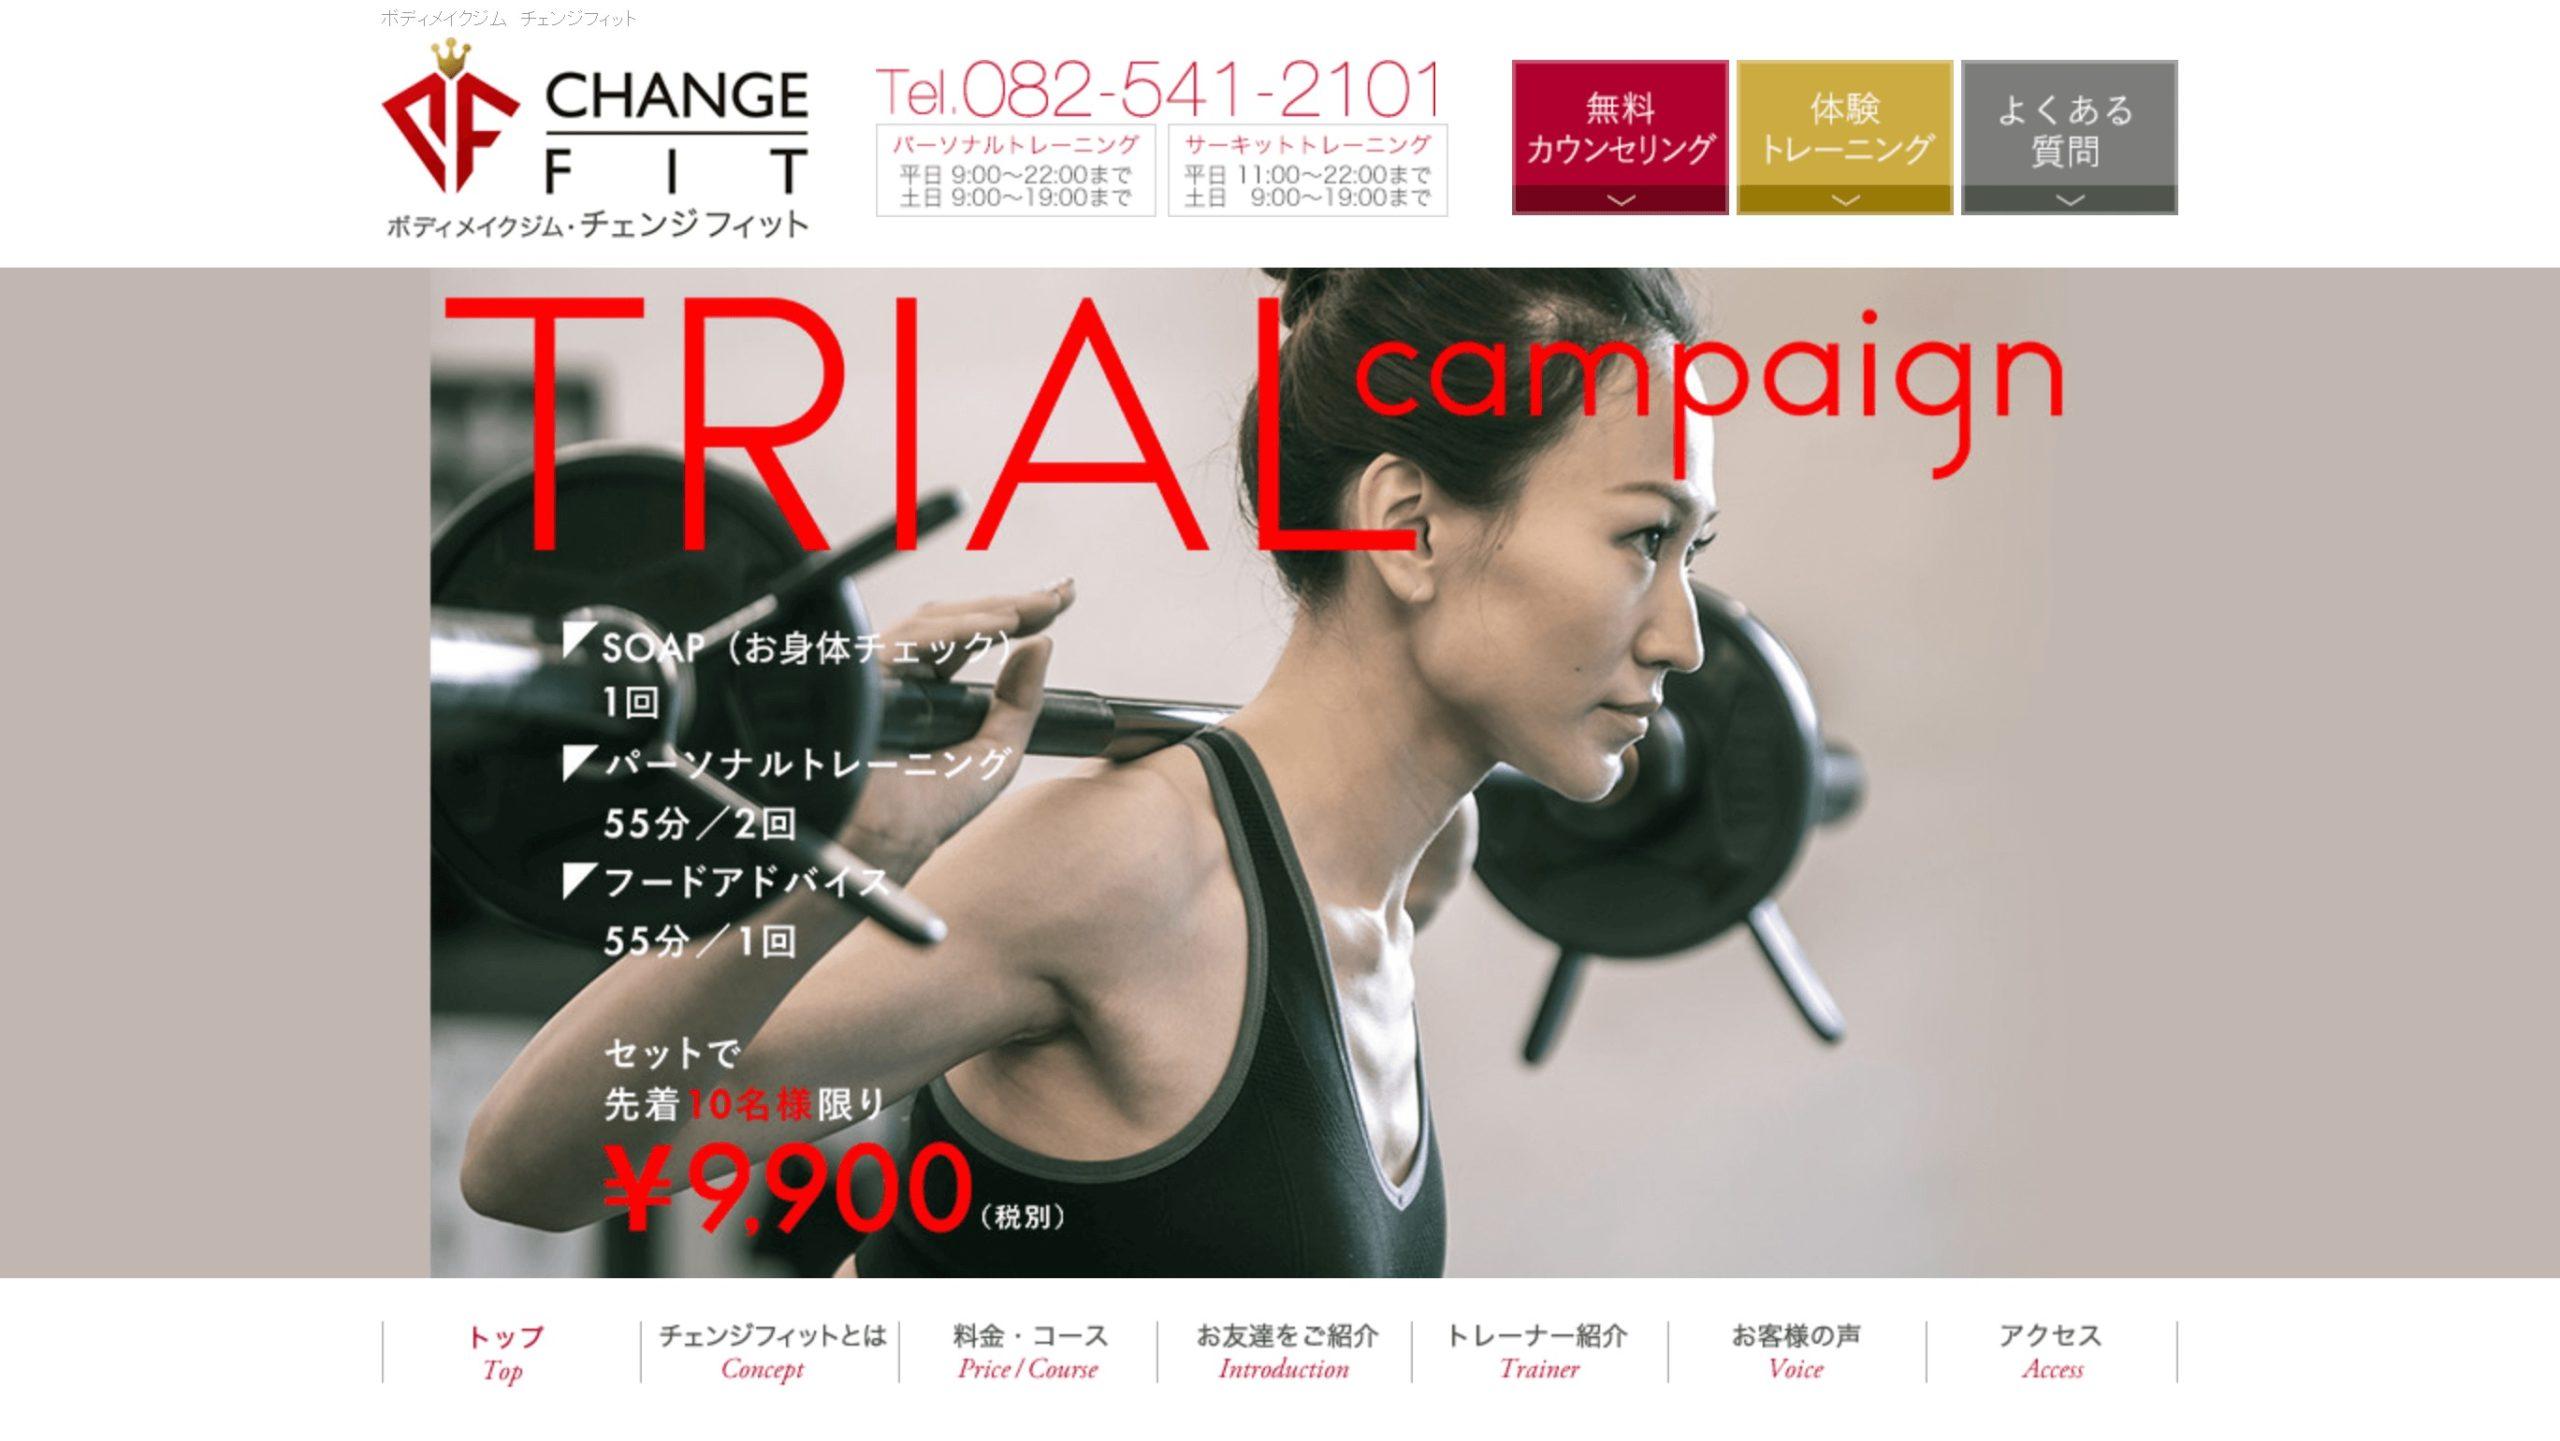 広島エリアでおすすめのパーソナルトレーニングジム「CHANGE FIT(チェンジフィット)